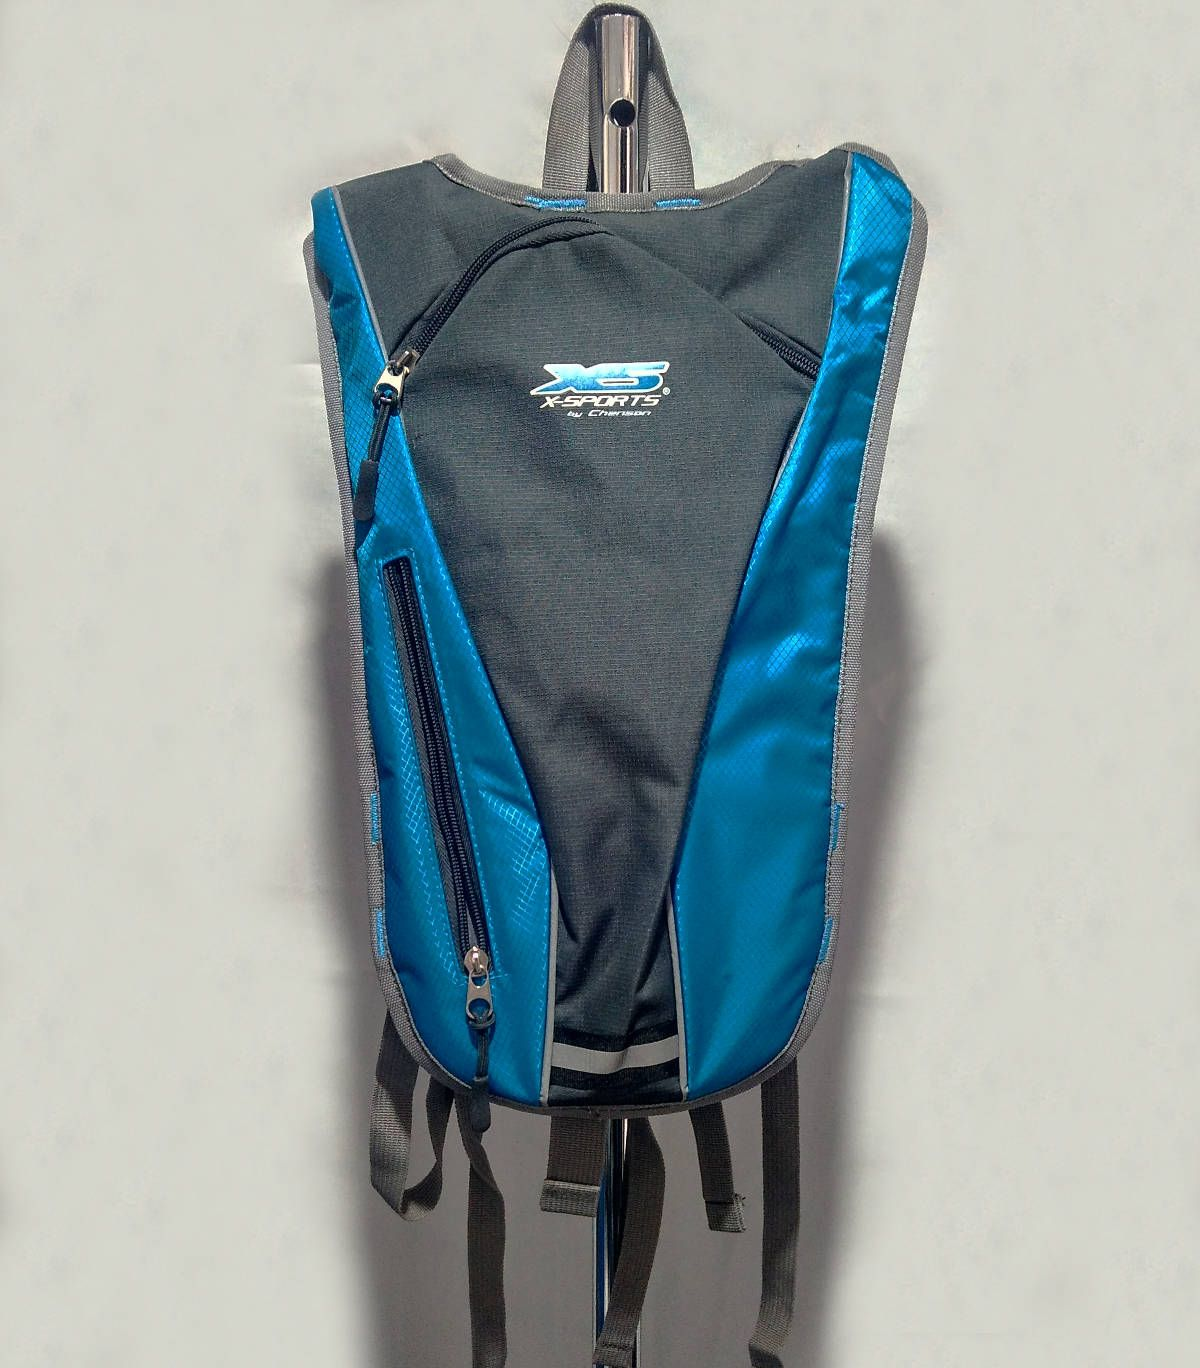 Mochila de Hidratação X-Sports 2 Litros Azul